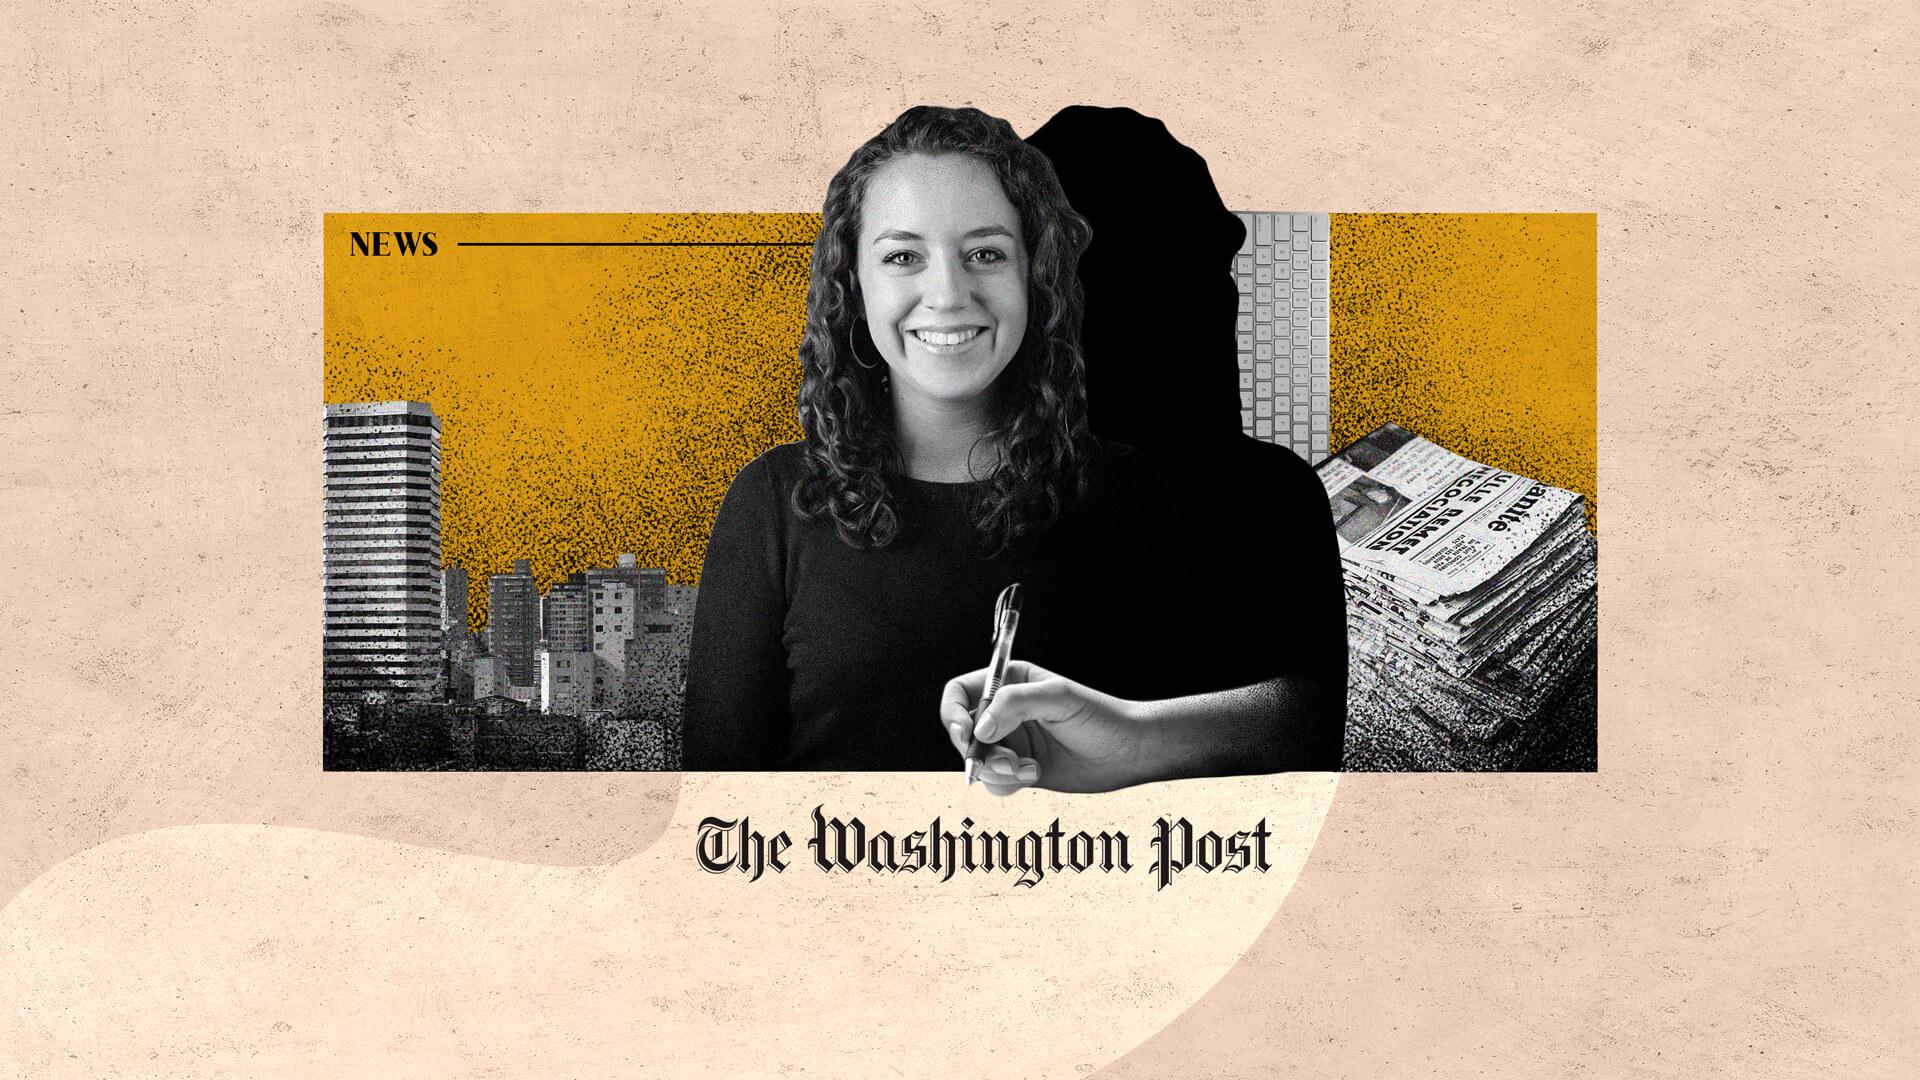 Narrar a Colombia más allá de las drogas: la apuesta de la oficina del Washington Post en Bogotá